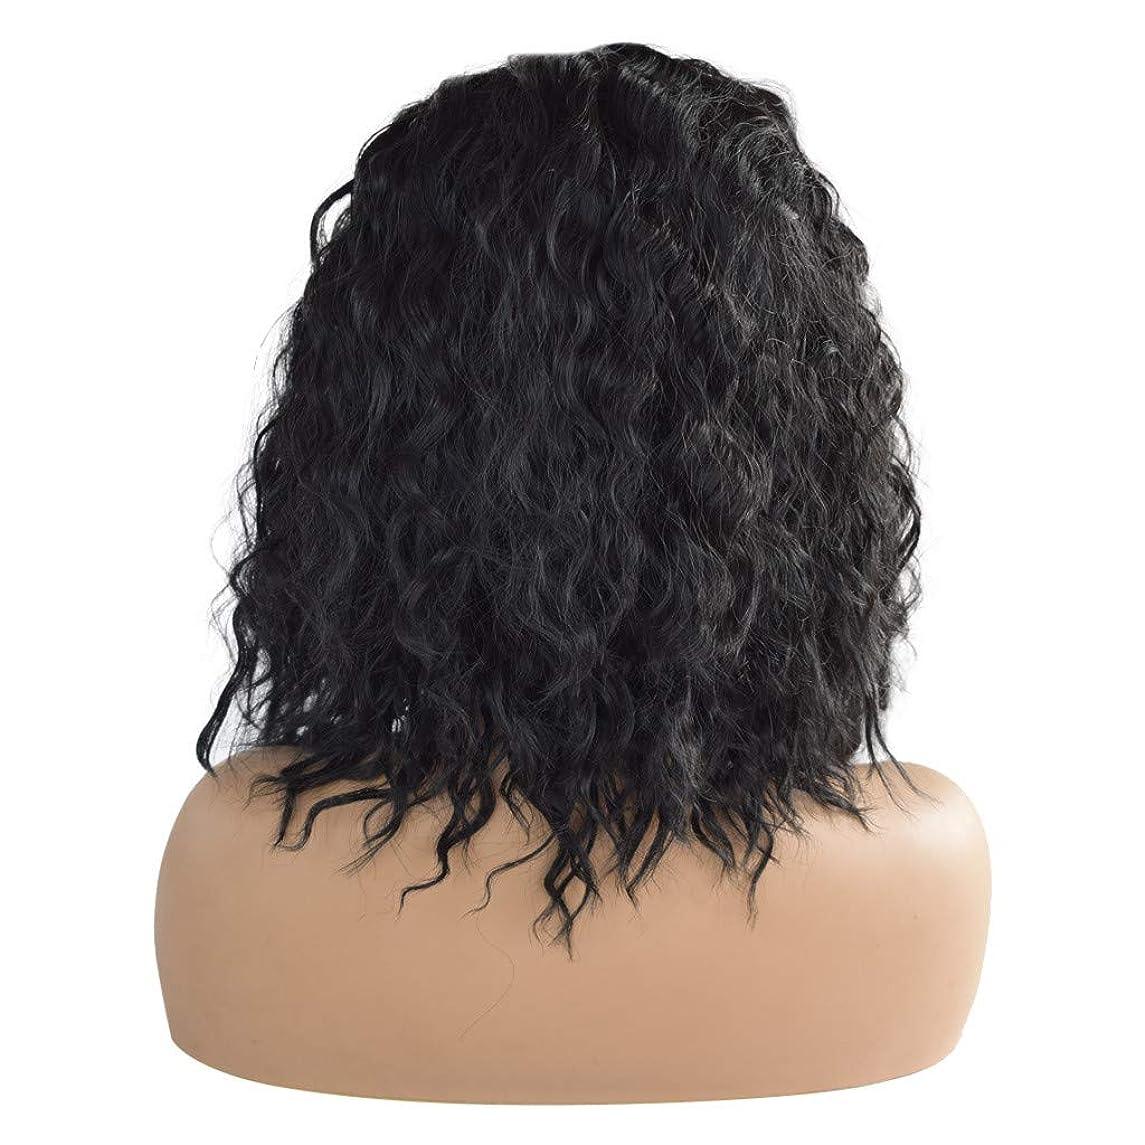 出発する比類のない使い込む黒の短い巻き毛のフロントレース化学繊維かつら18インチ